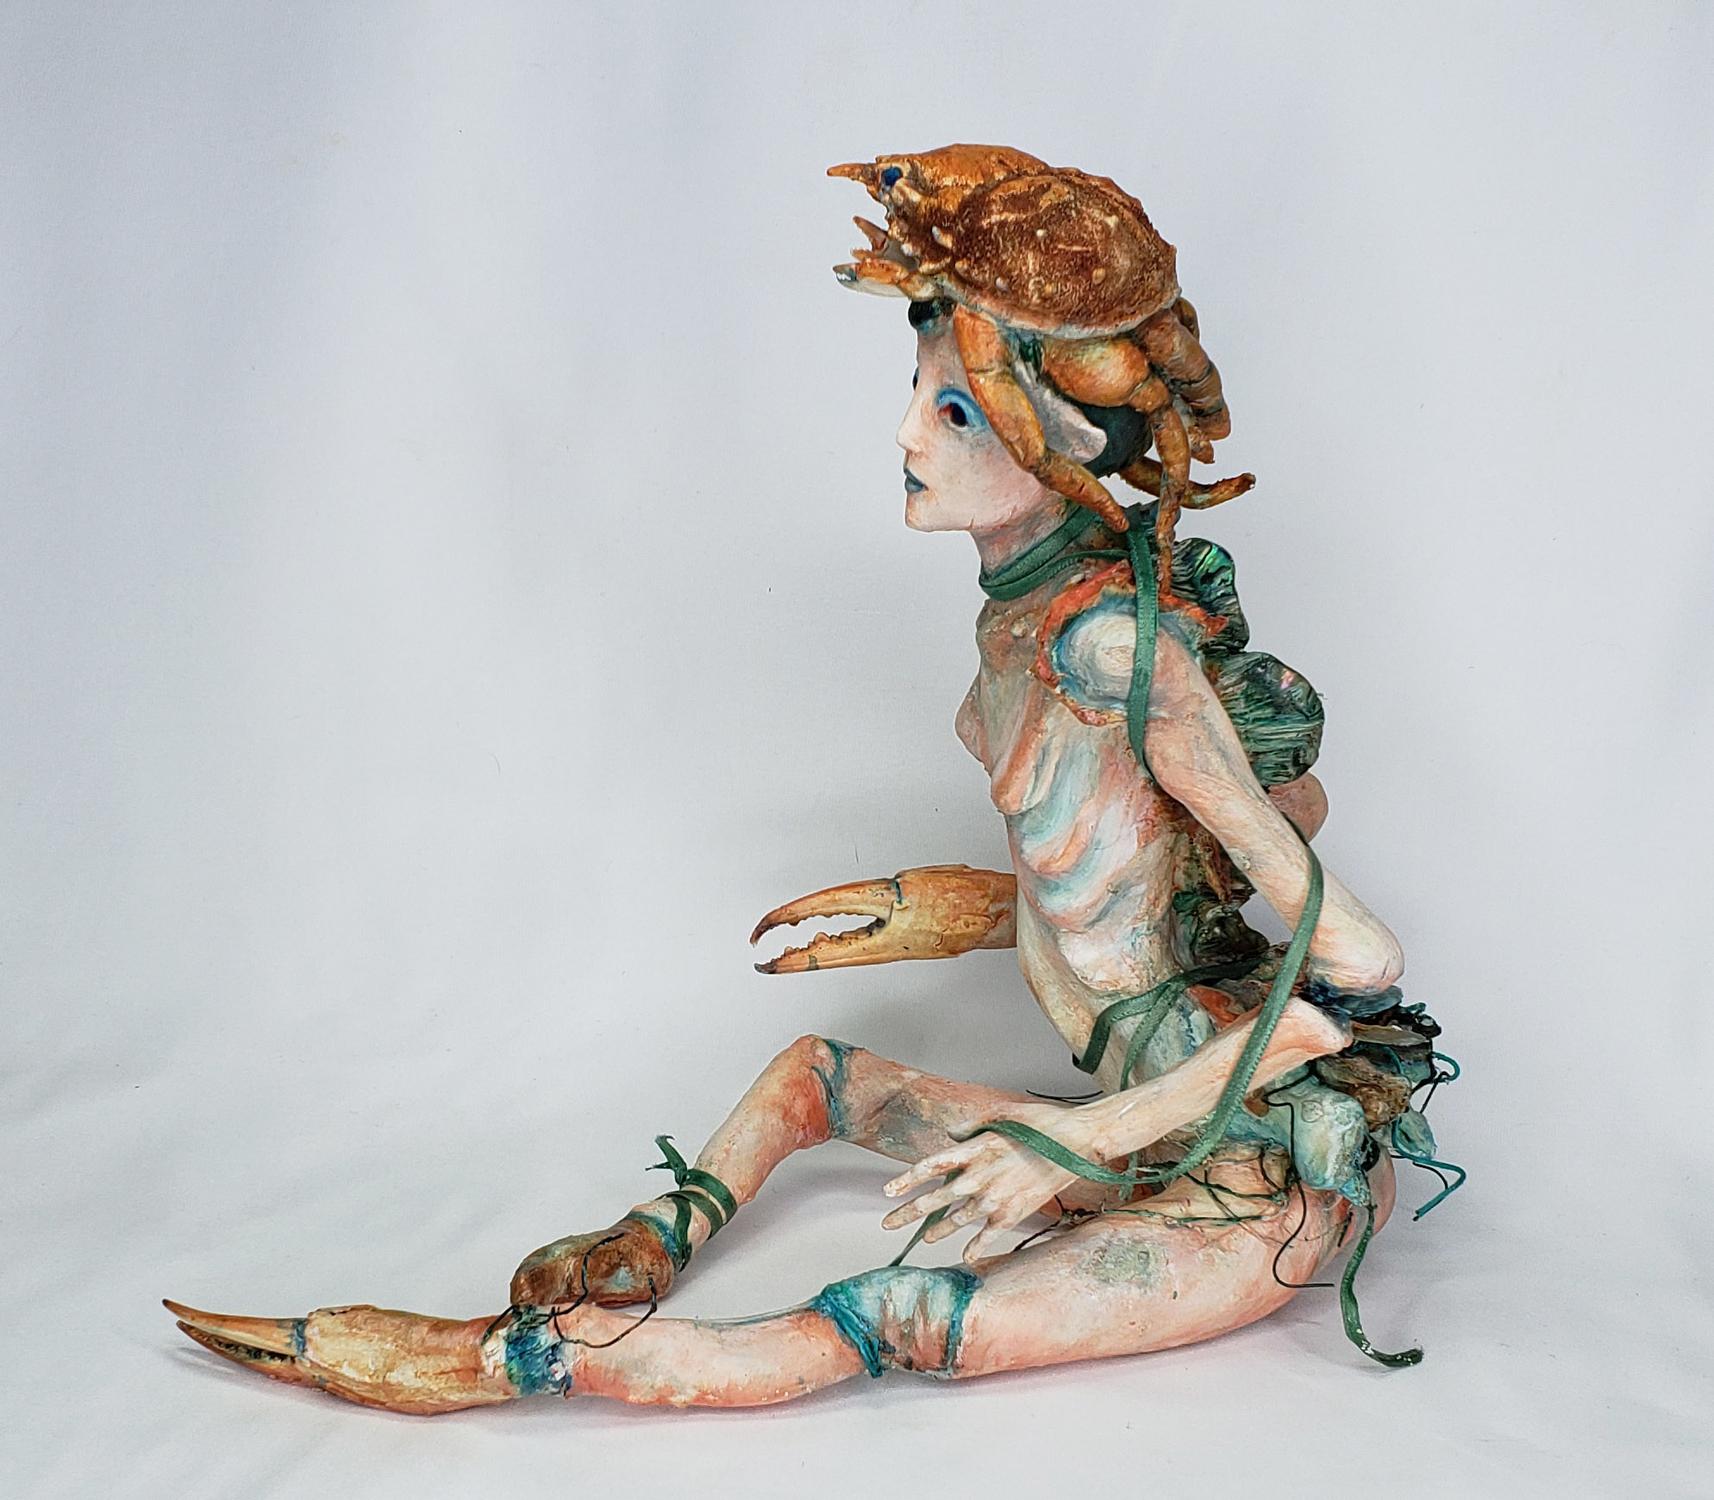 Sea Dancer Artwork by Lisa Sprite Hansen